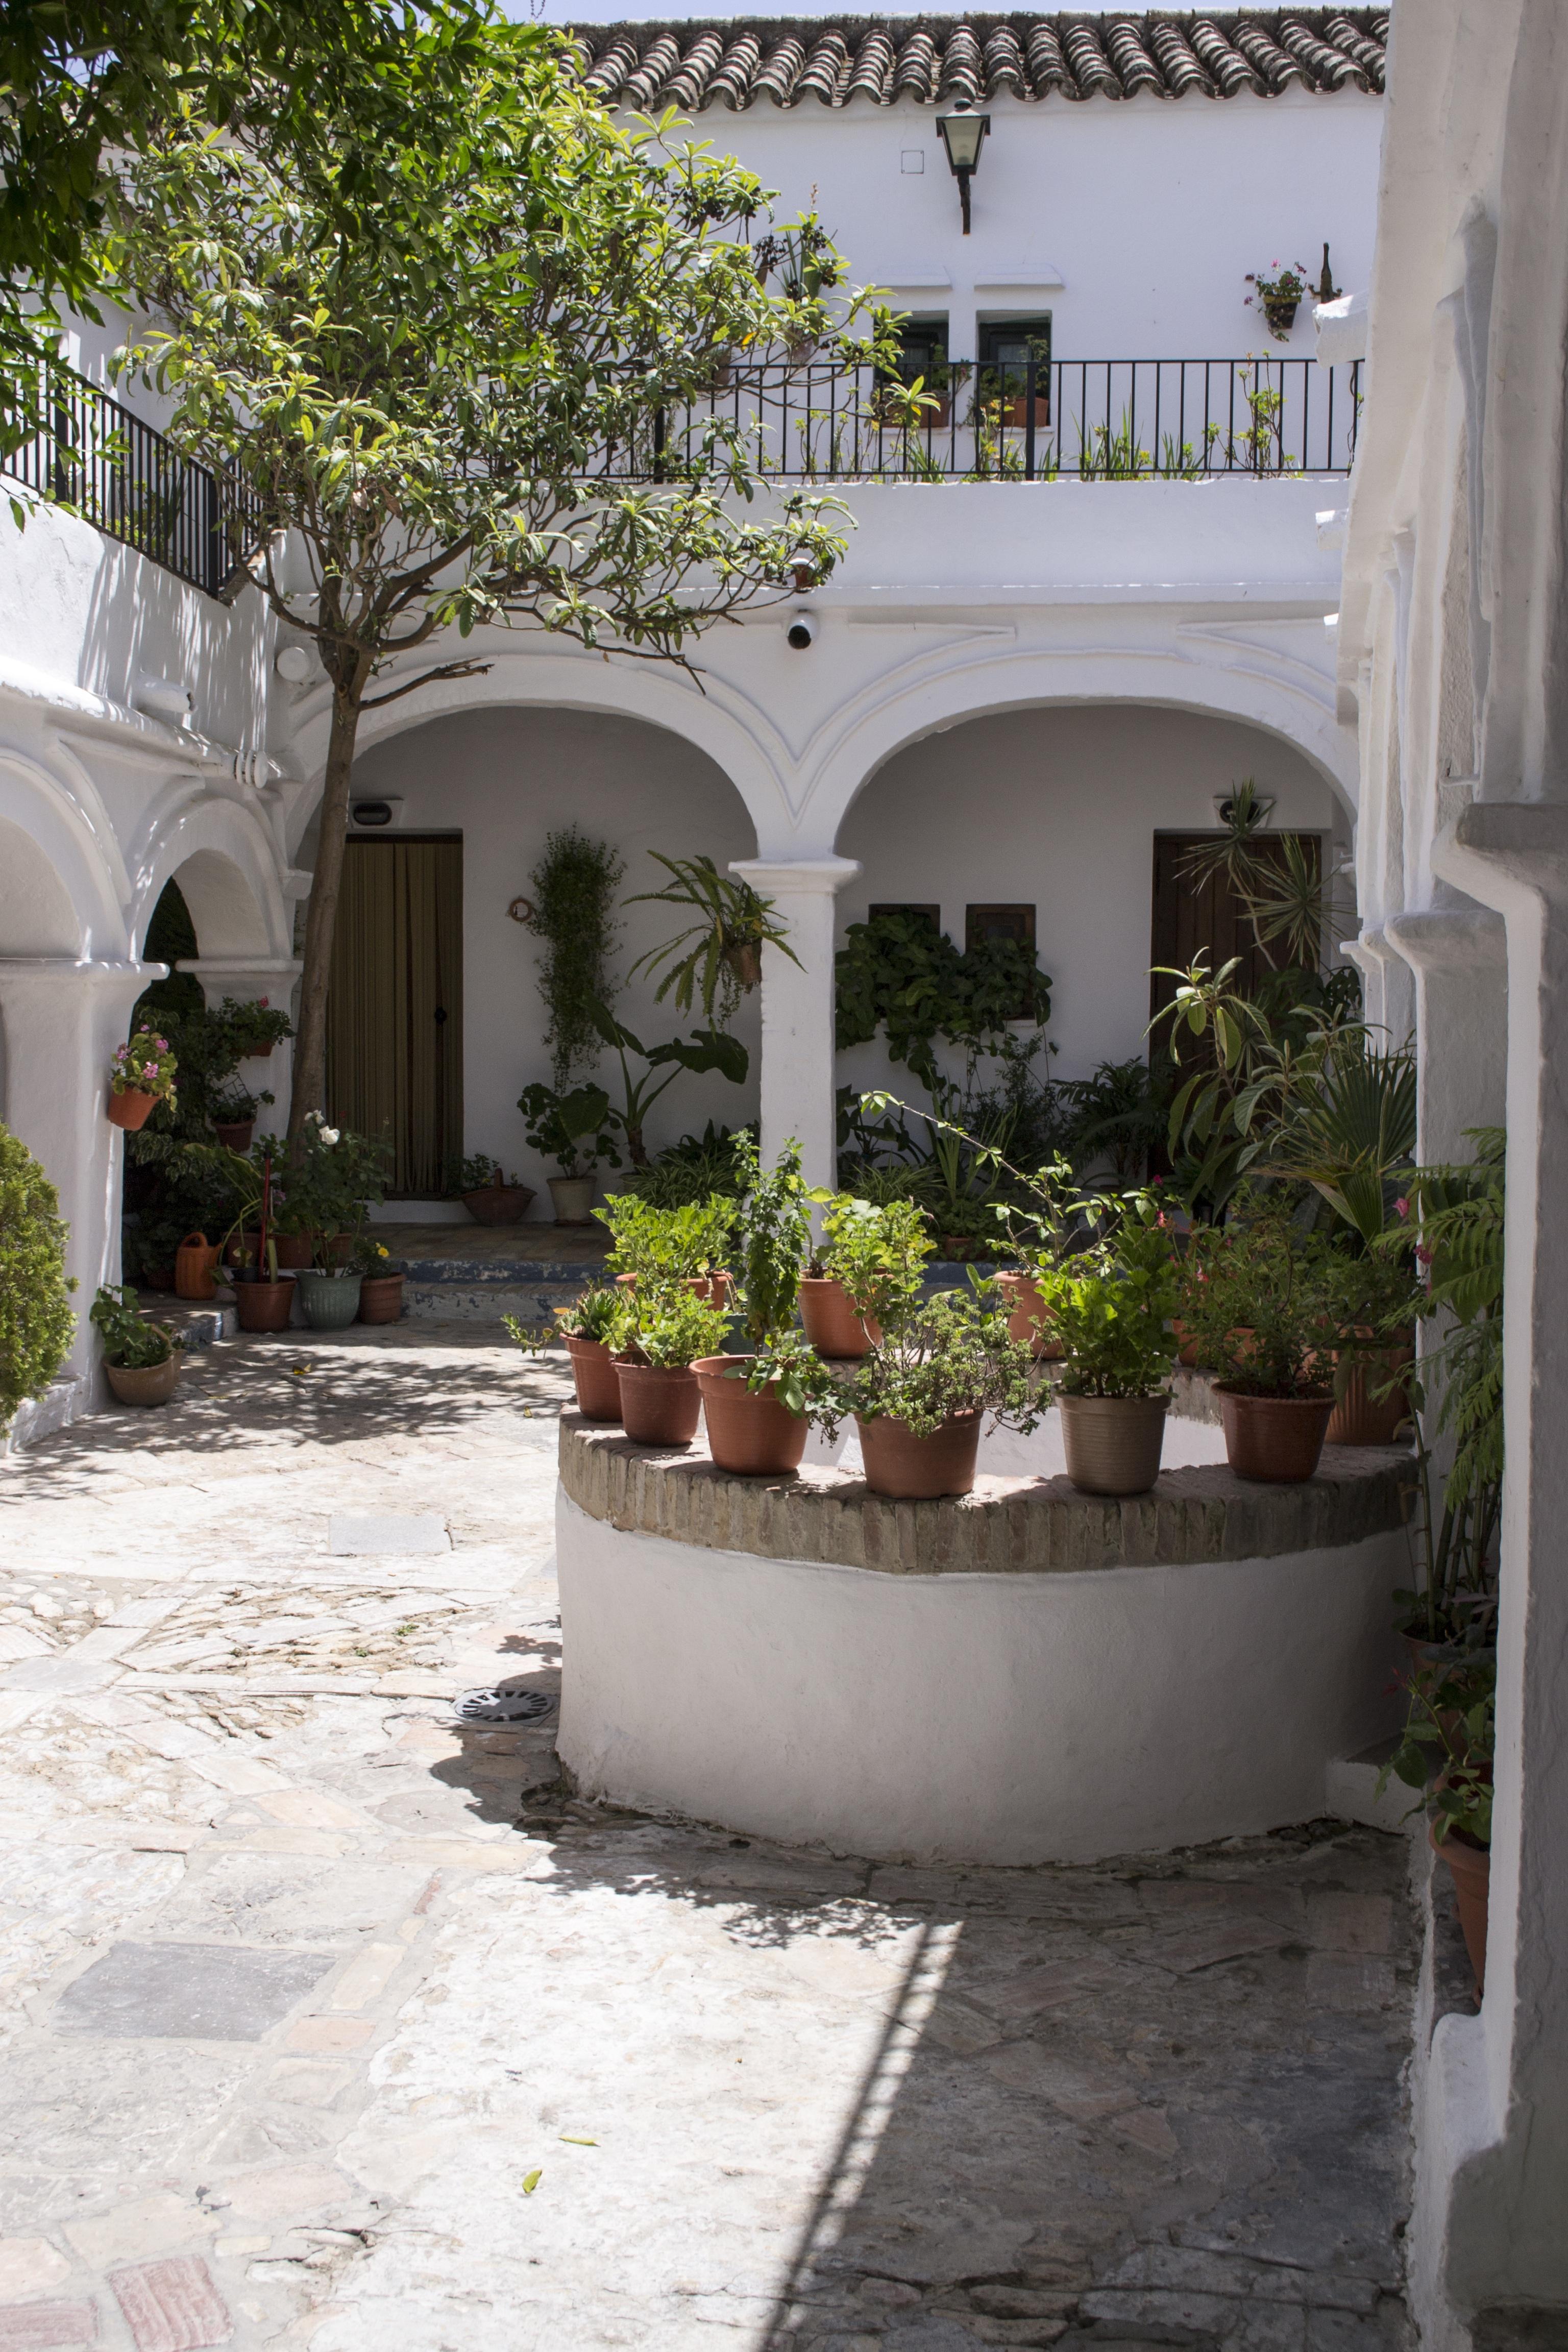 Fotos gratis villa casa flor caba a patio interior propiedad jard n vejer inmuebles - Ley propiedad horizontal patio interior ...